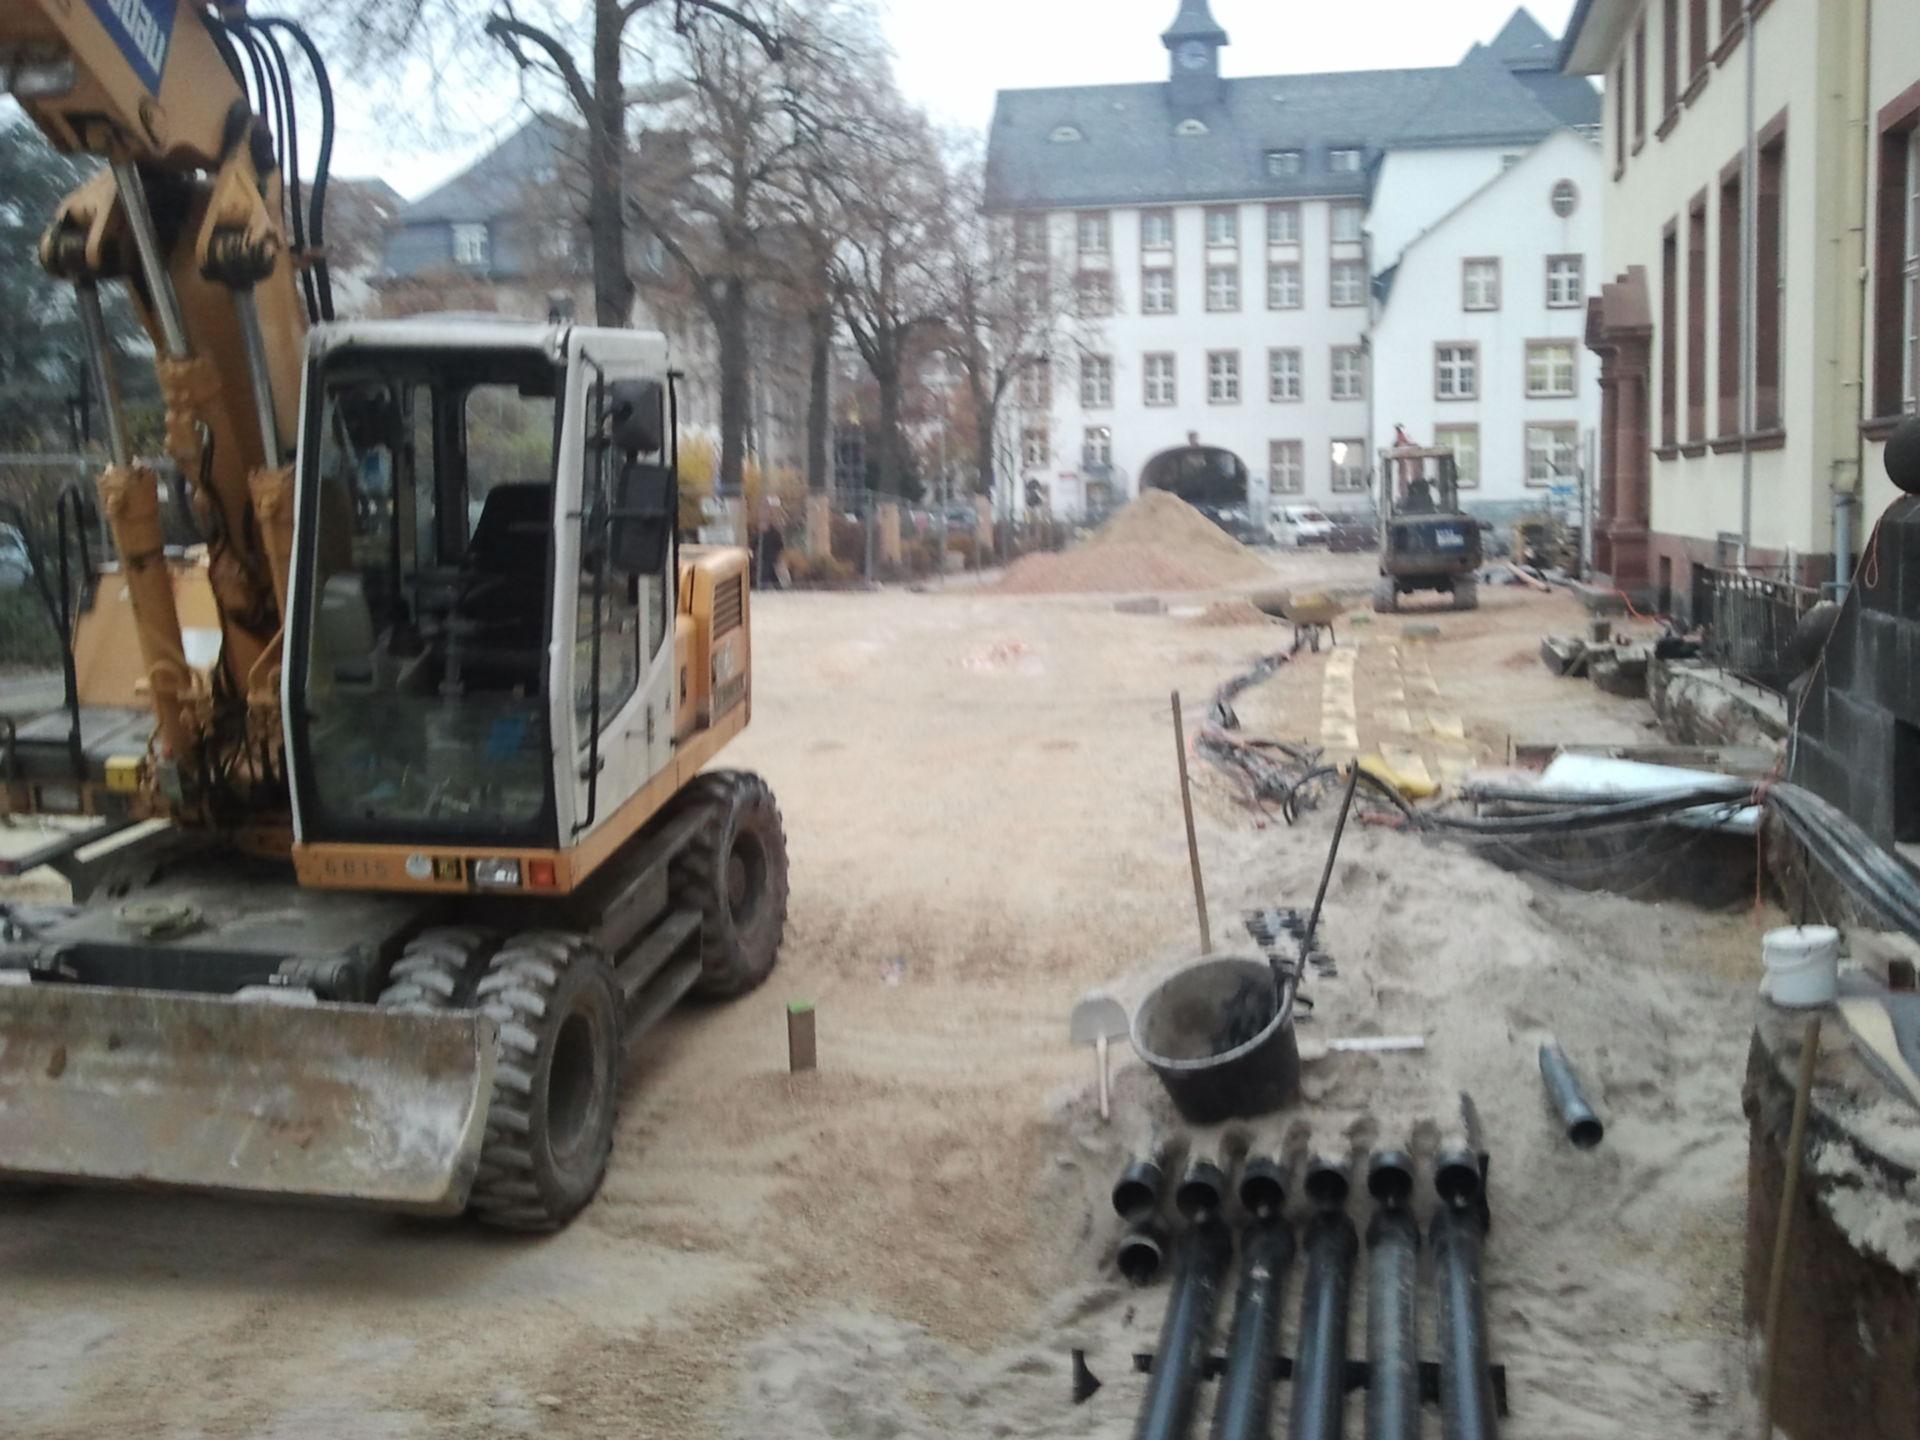 Uniklinik Frankfurt Baustelle